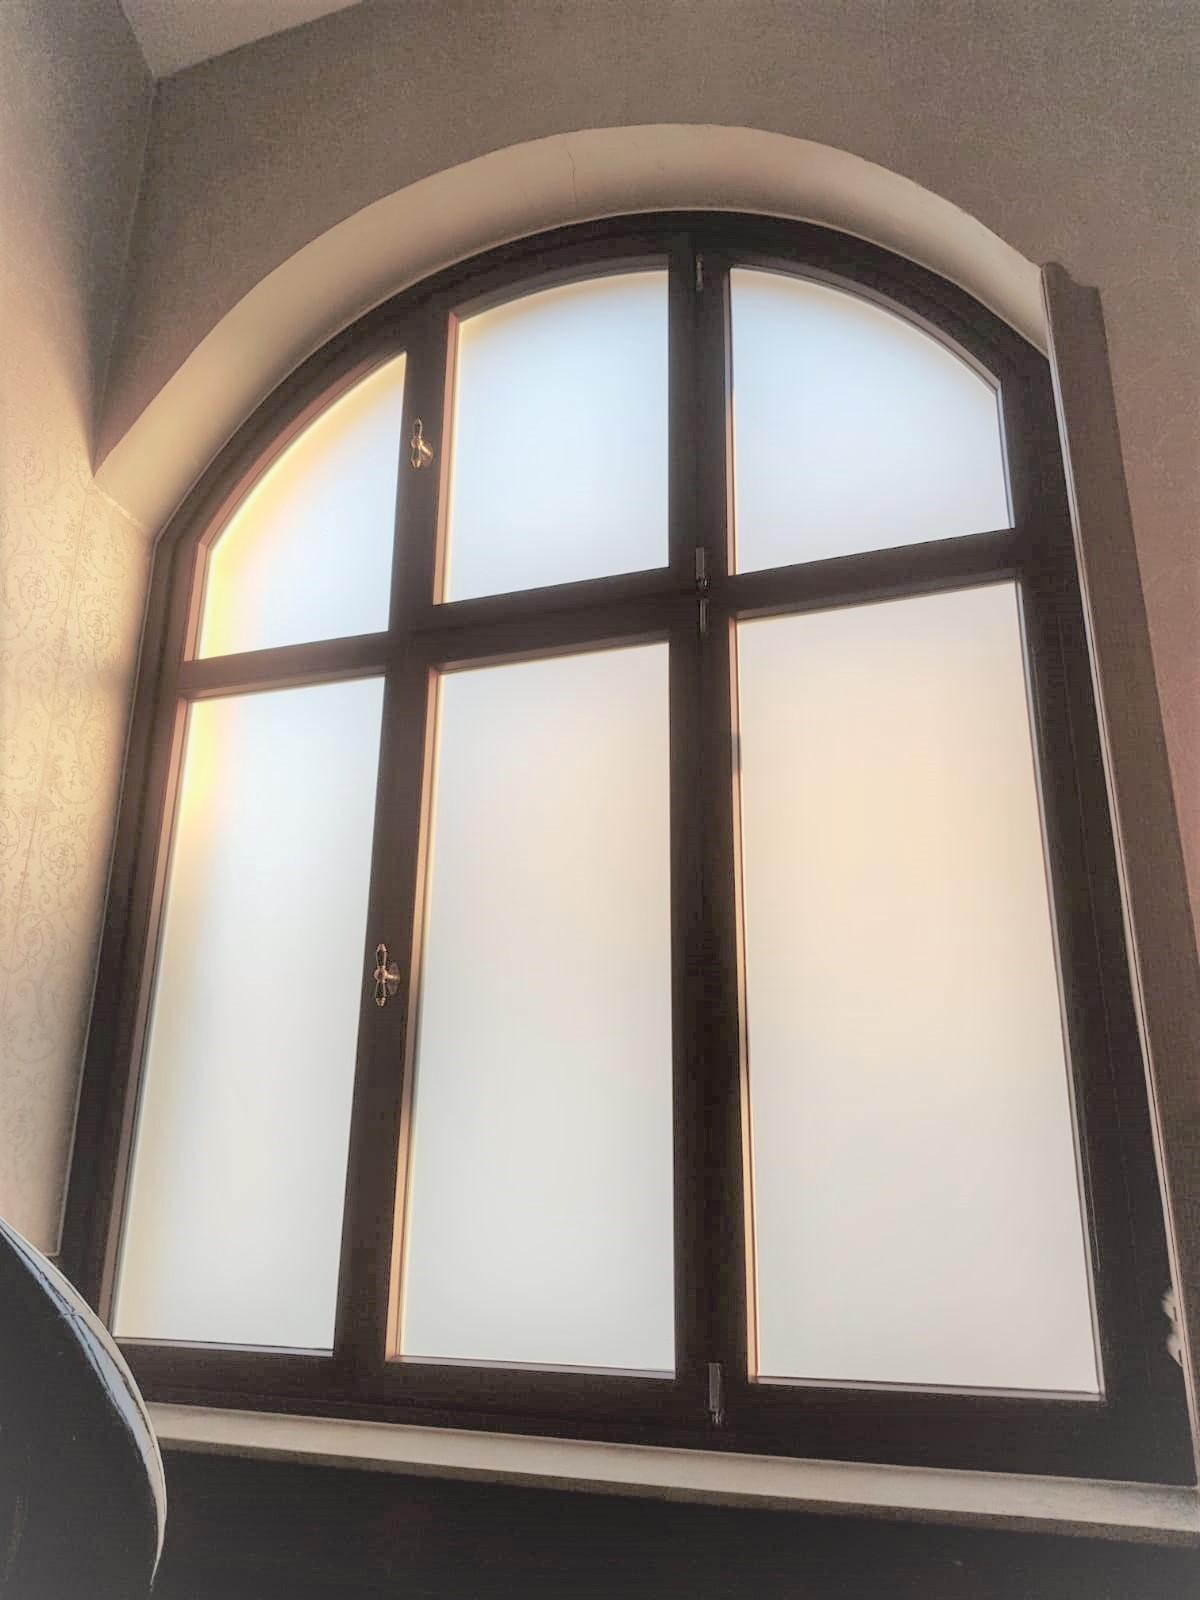 Full Size of Schenk Schreinerwerksttte Fenstertechnik Gmbh Gmbhde Fenster Konfigurator Fliegengitter Für Folie Nach Maß Beleuchtung Einbruchsicher Nachrüsten Veka Fenster Fenster Tauschen